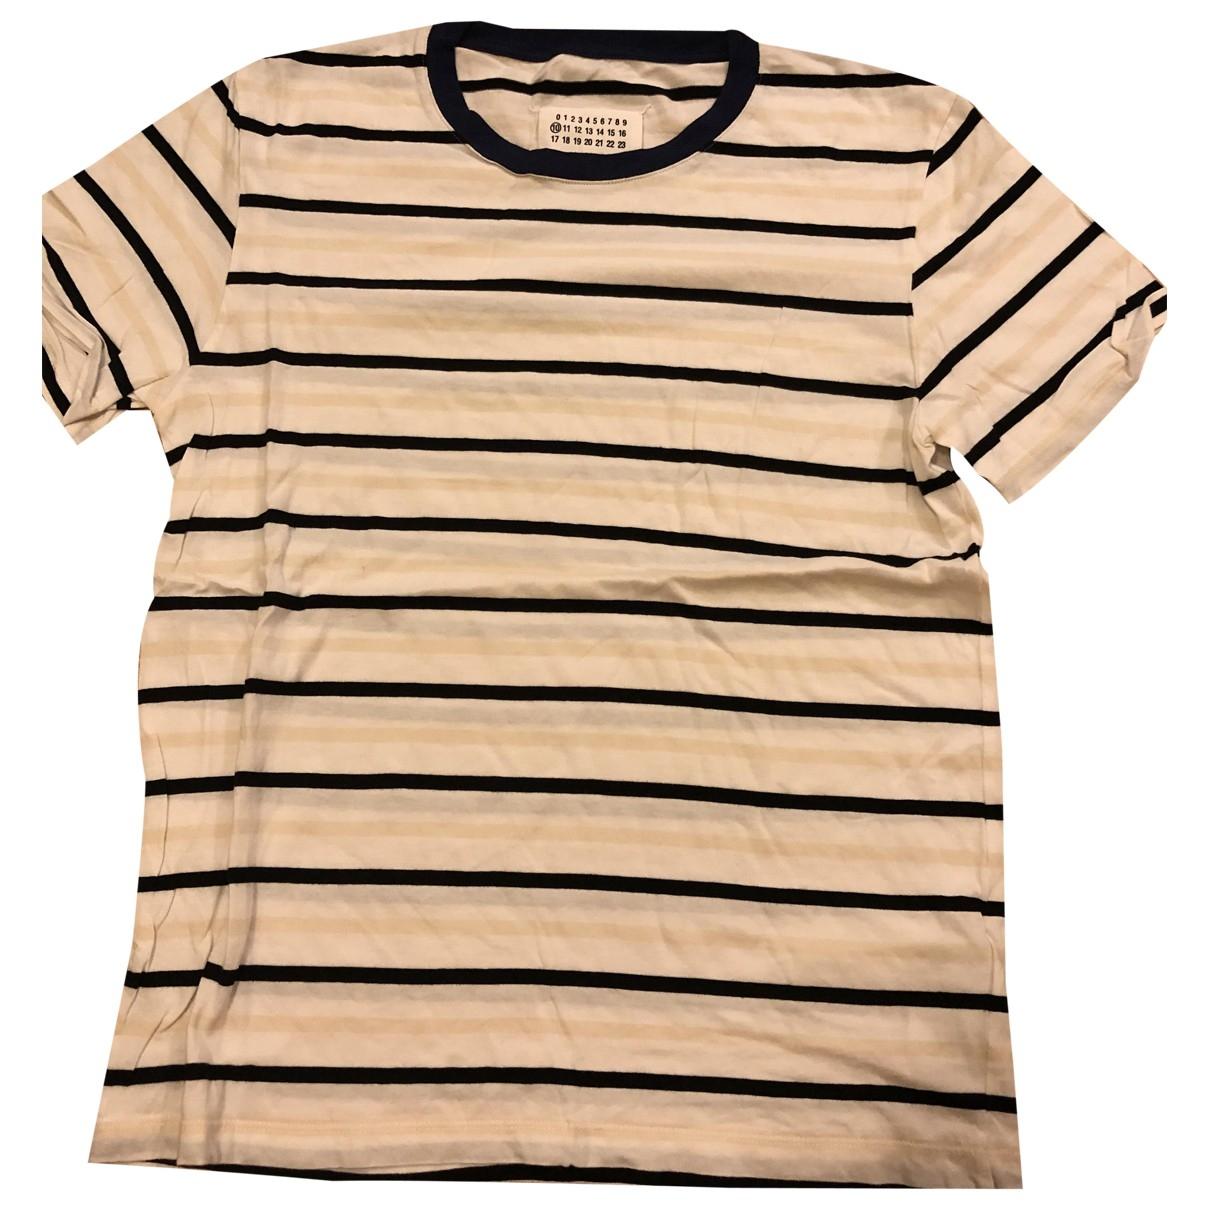 Maison Martin Margiela - Tee shirts   pour homme en coton - blanc